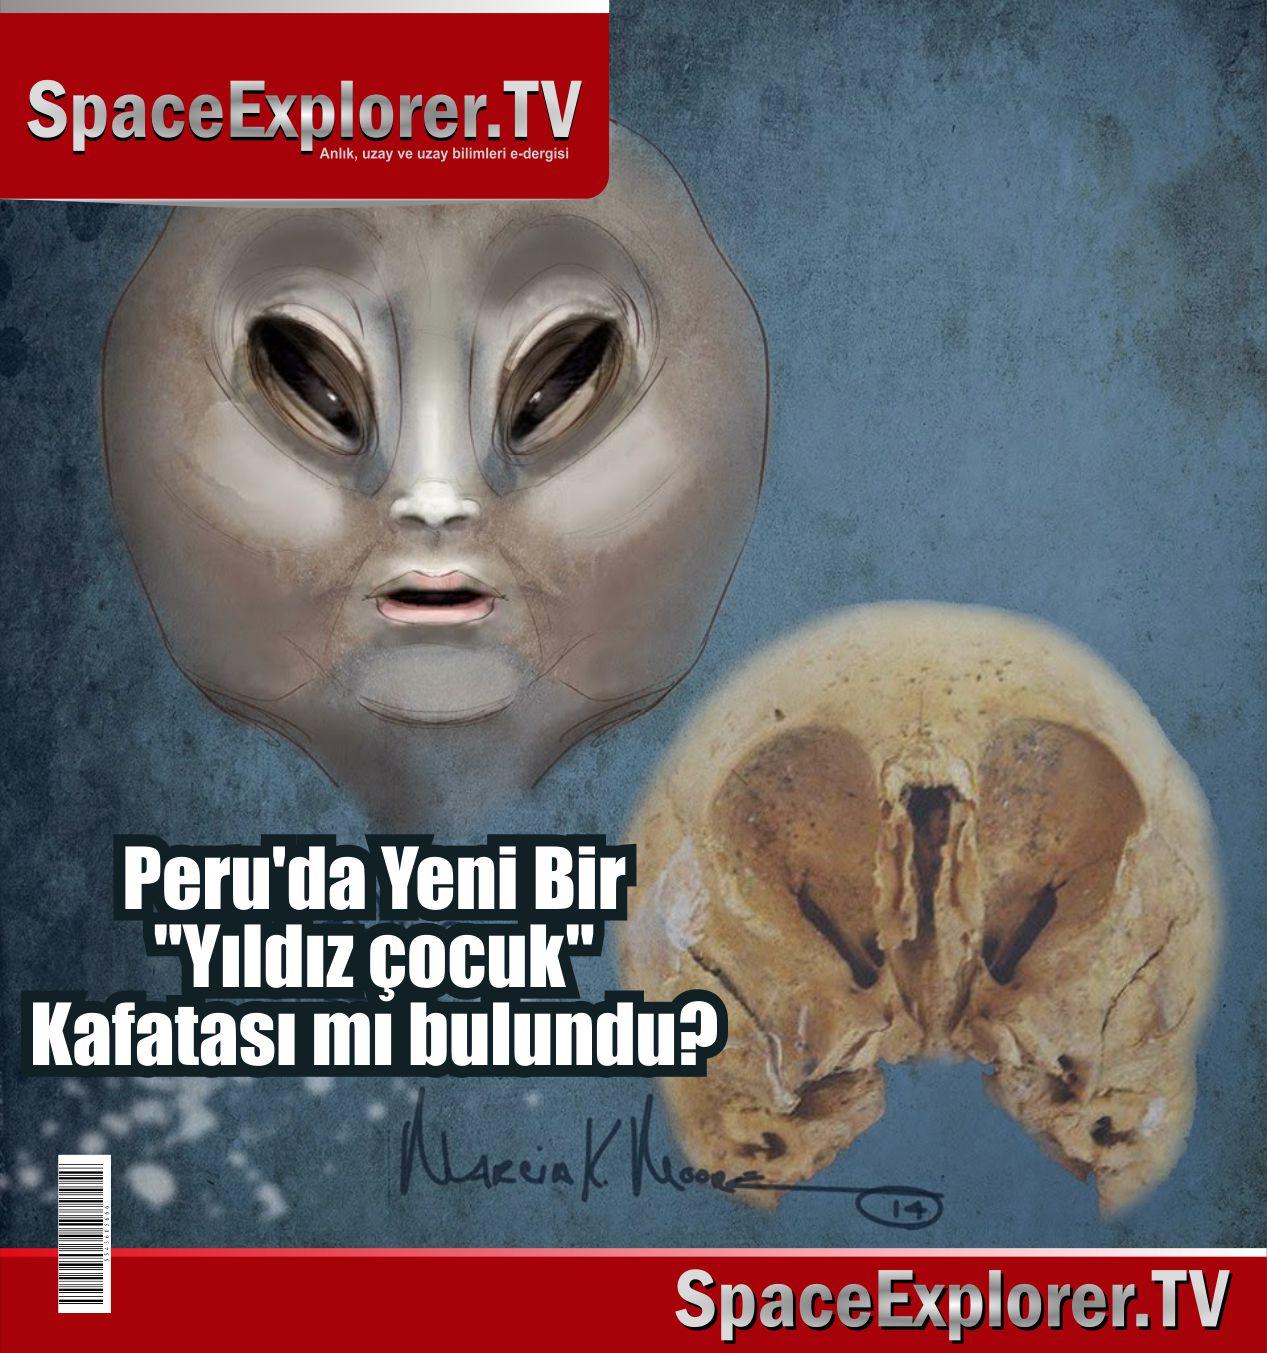 Uzaylı kafatasları, Geçmiş teknoloji devirleri, Dünyadaki uzaylı izleri, Dünyadaki uzaylılar, Videolar, Uzaylıların kafası büyük mü, Peru, Space Explorer,